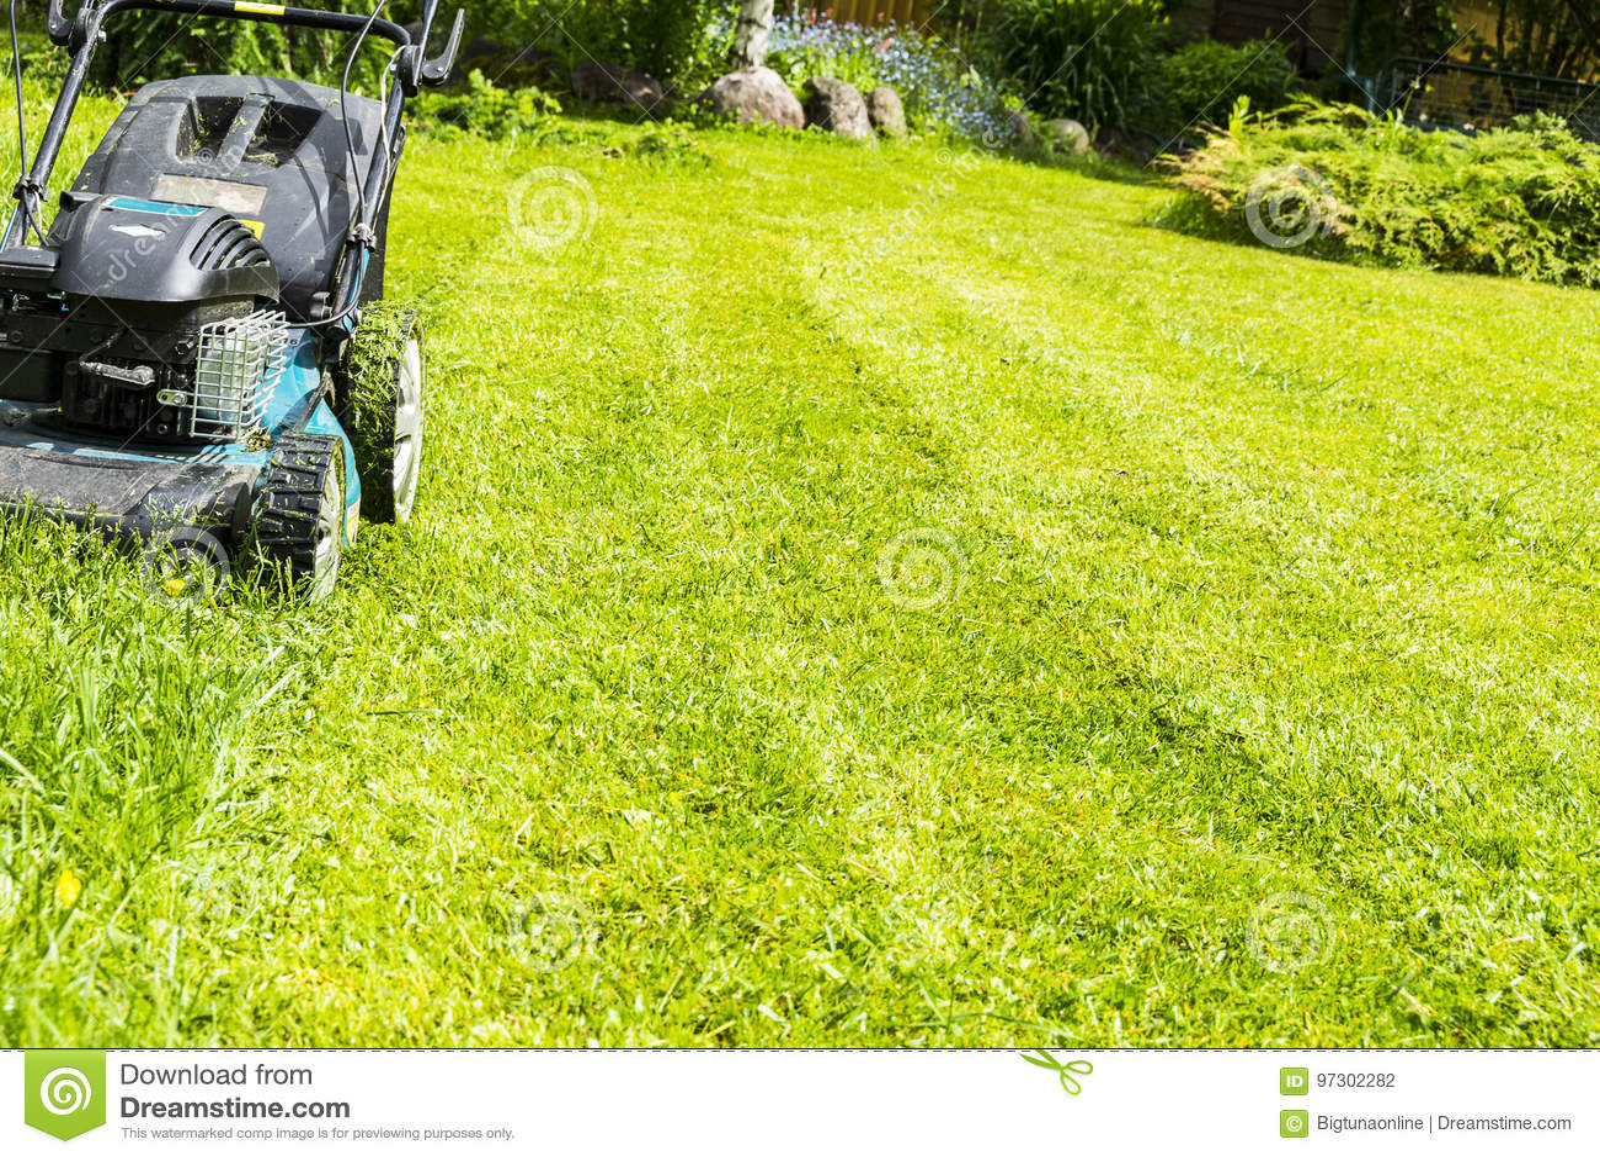 割的草坪,在绿草,刈草机草设备,割的花匠关心工作工具,看法,晴天的关闭的割草机